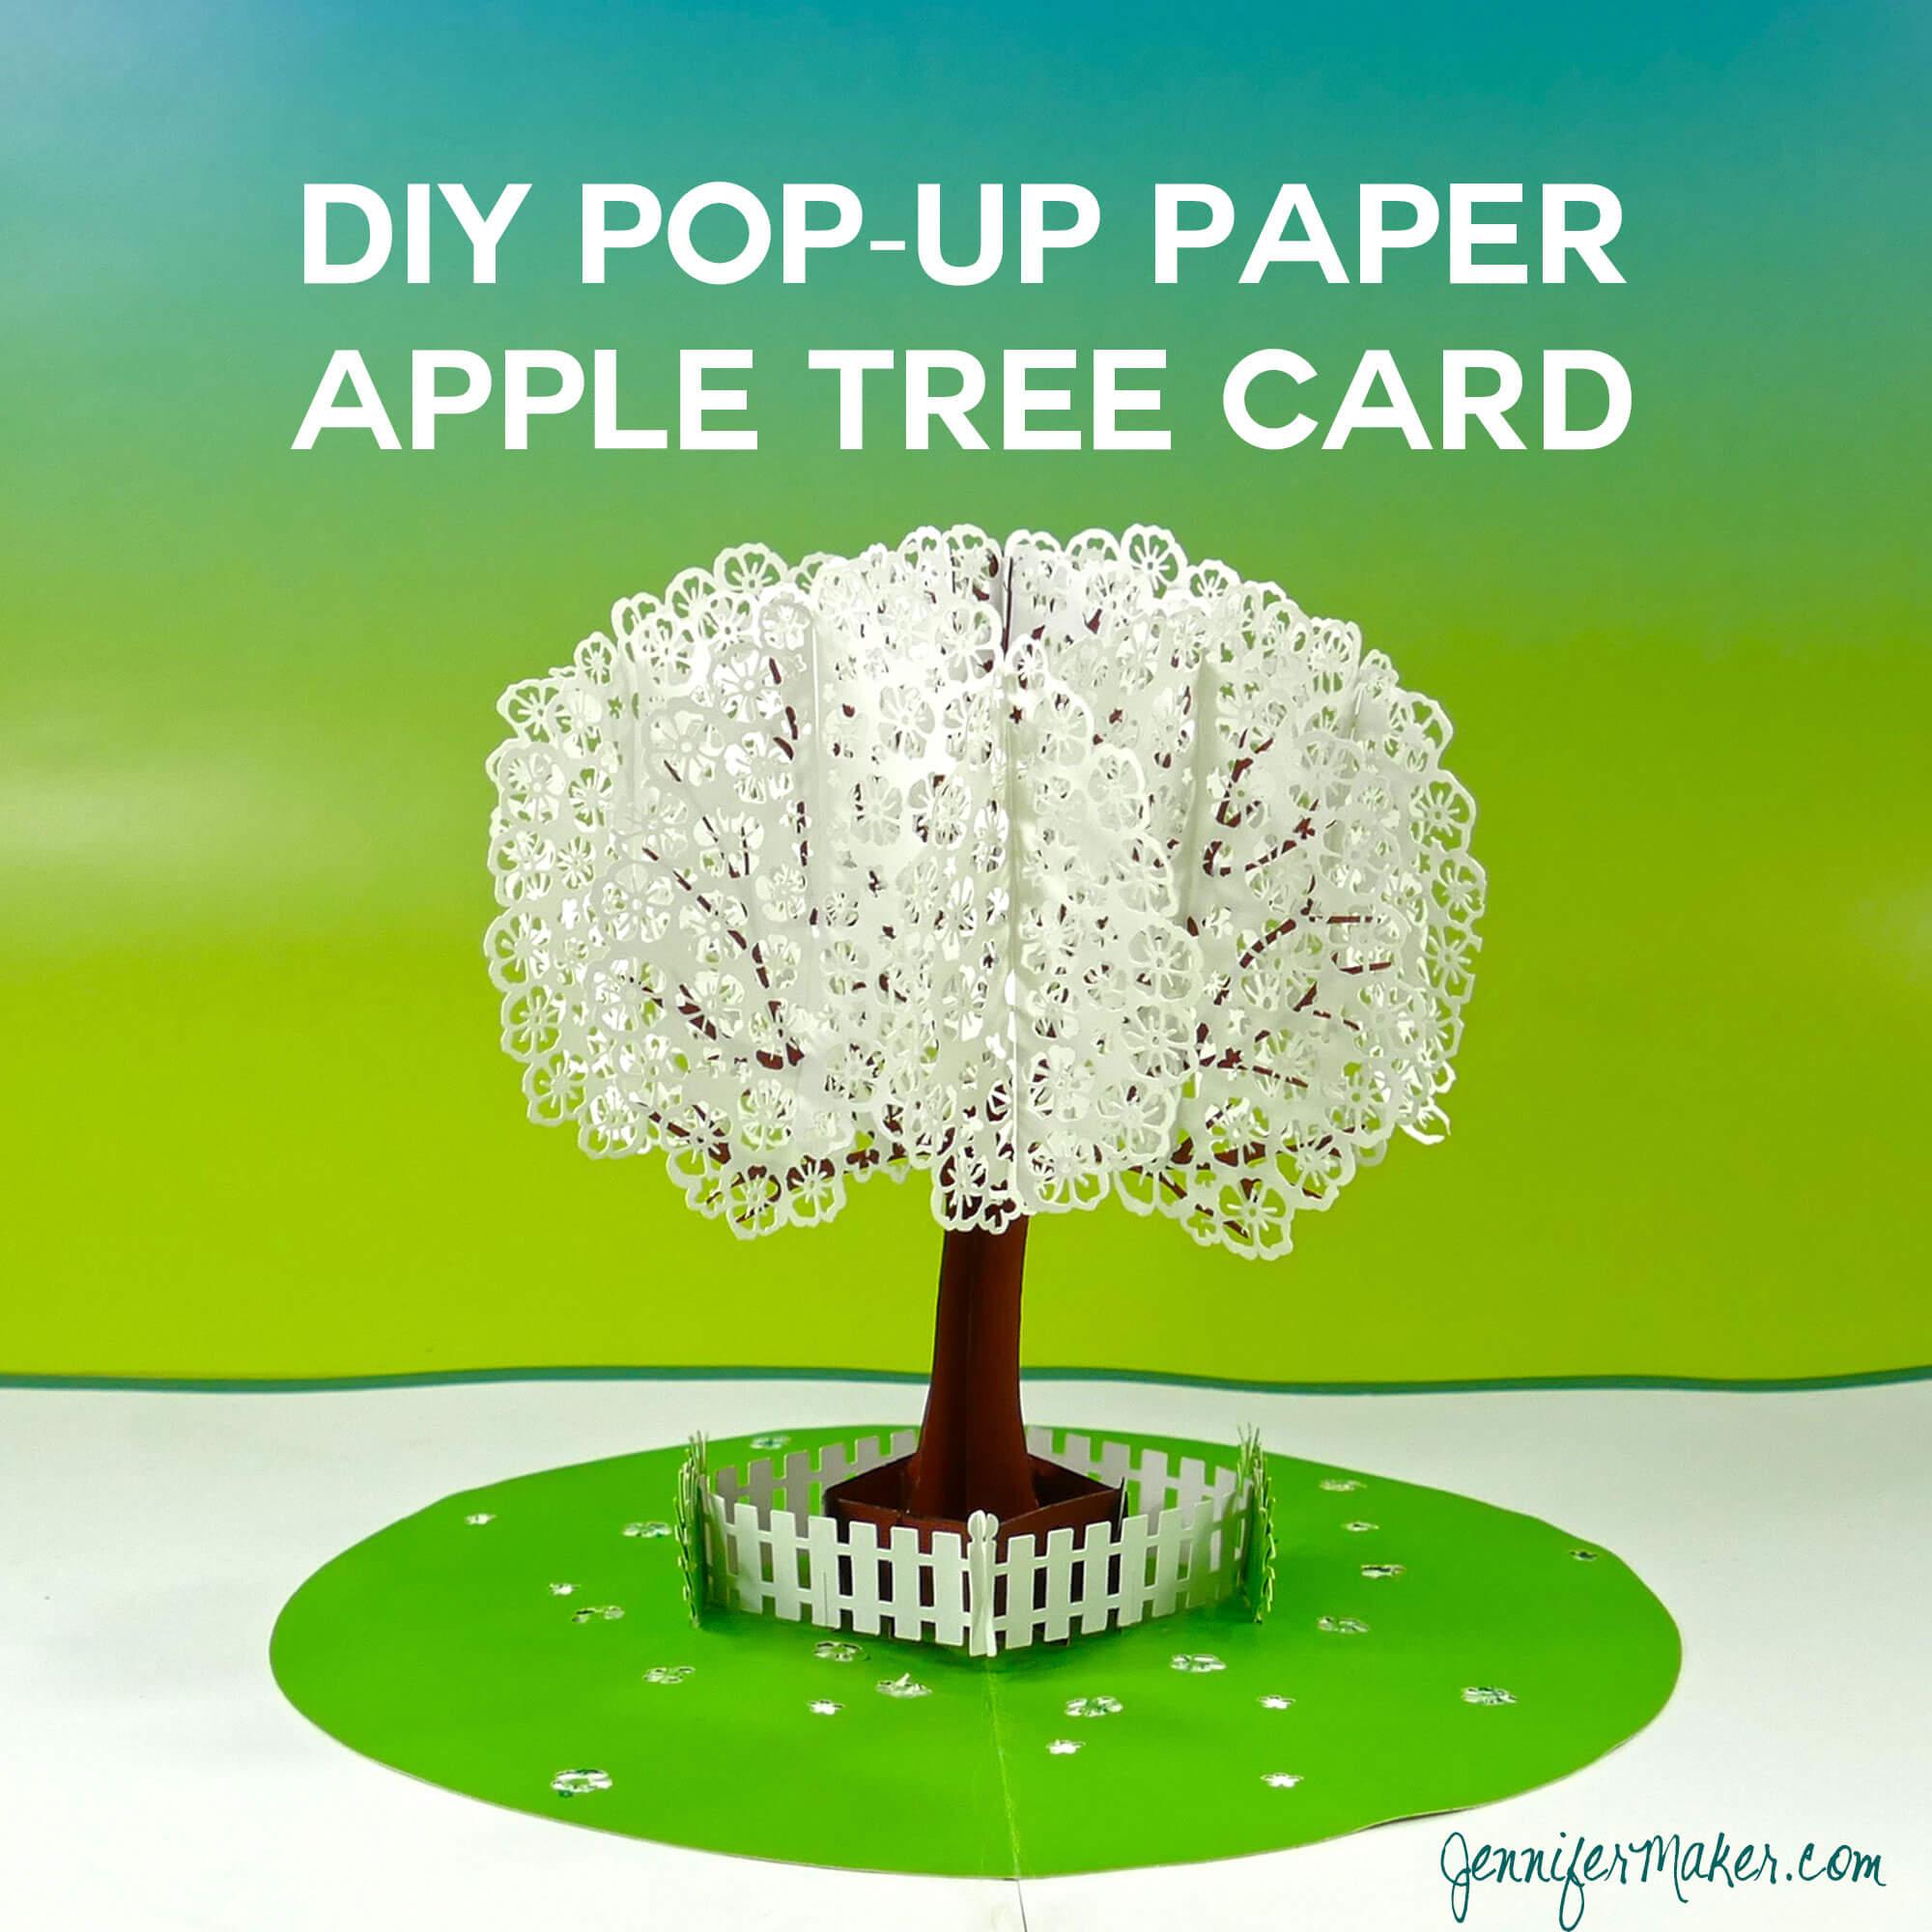 Pop-Up Paper Apple Tree Card (3D Sliceform) - Jennifer Maker pertaining to Diy Pop Up Cards Templates